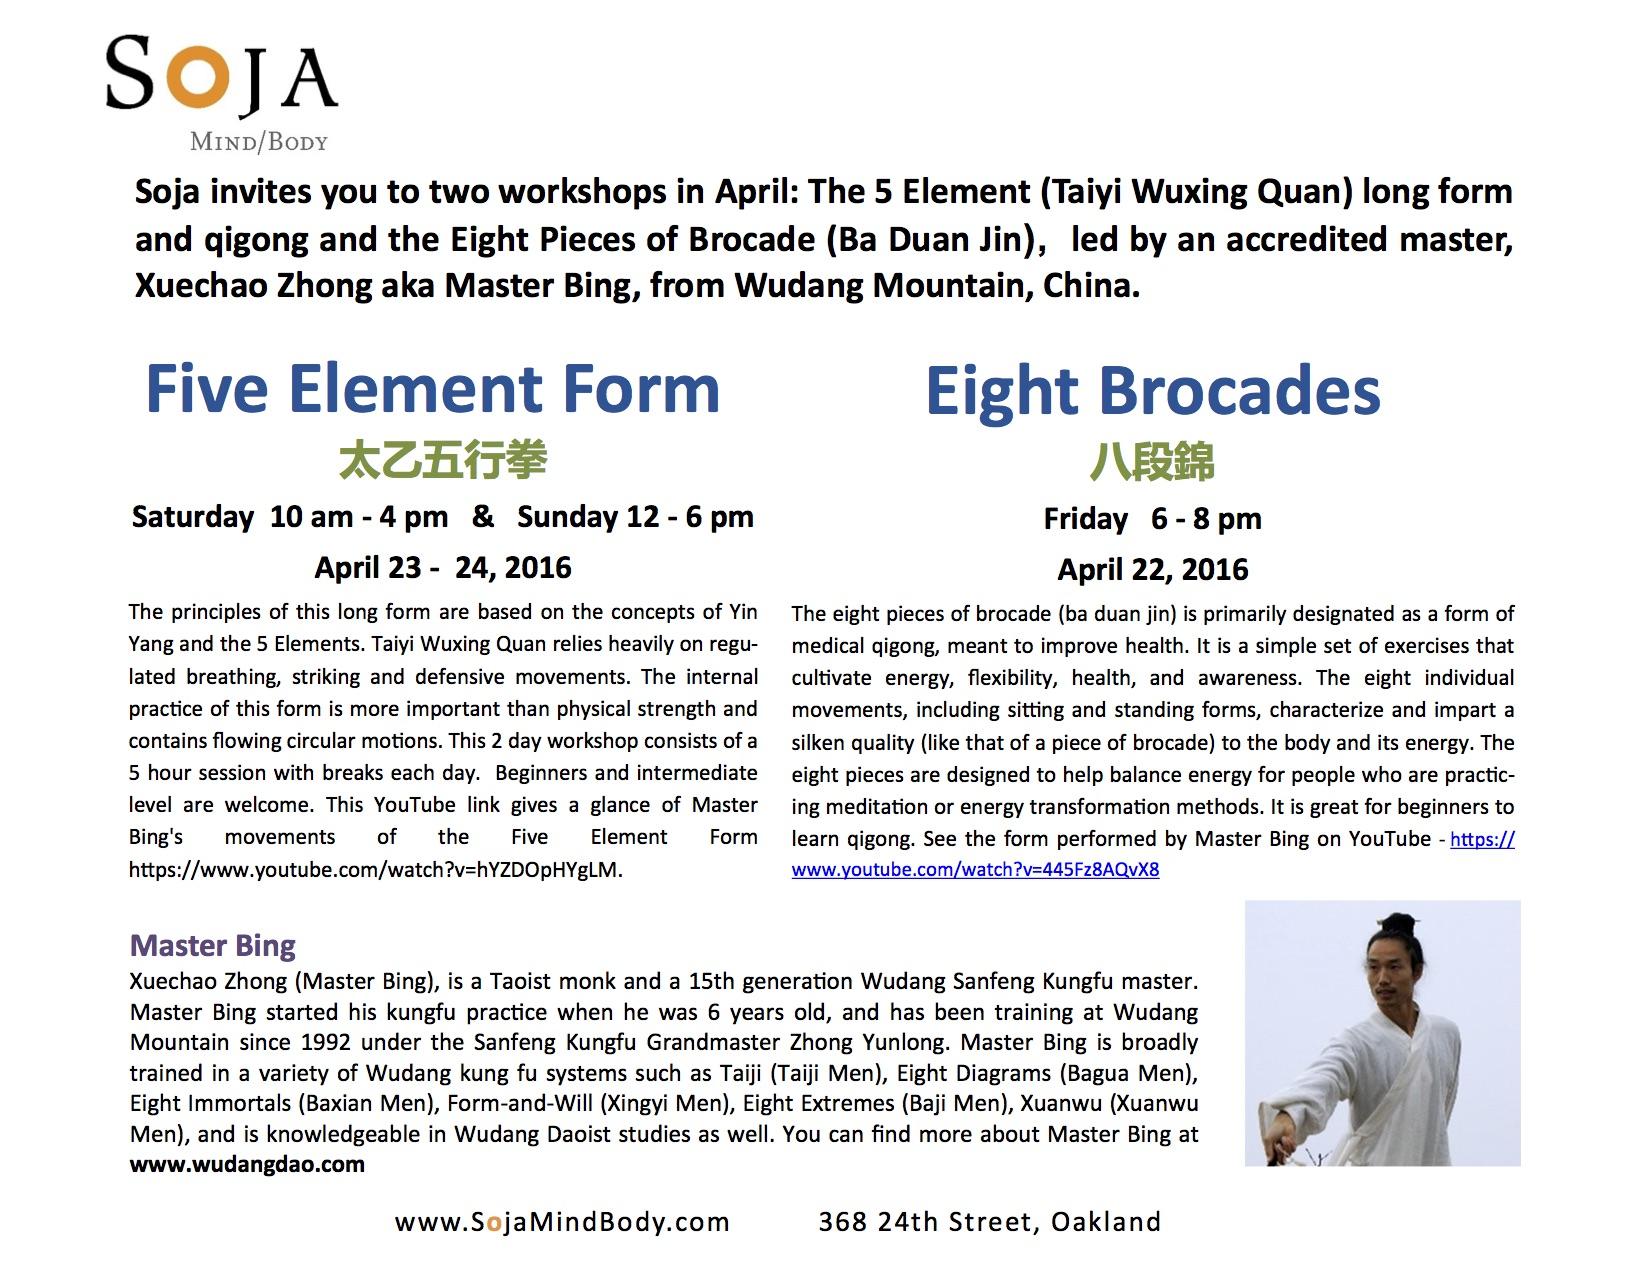 Five Element Form Seminar